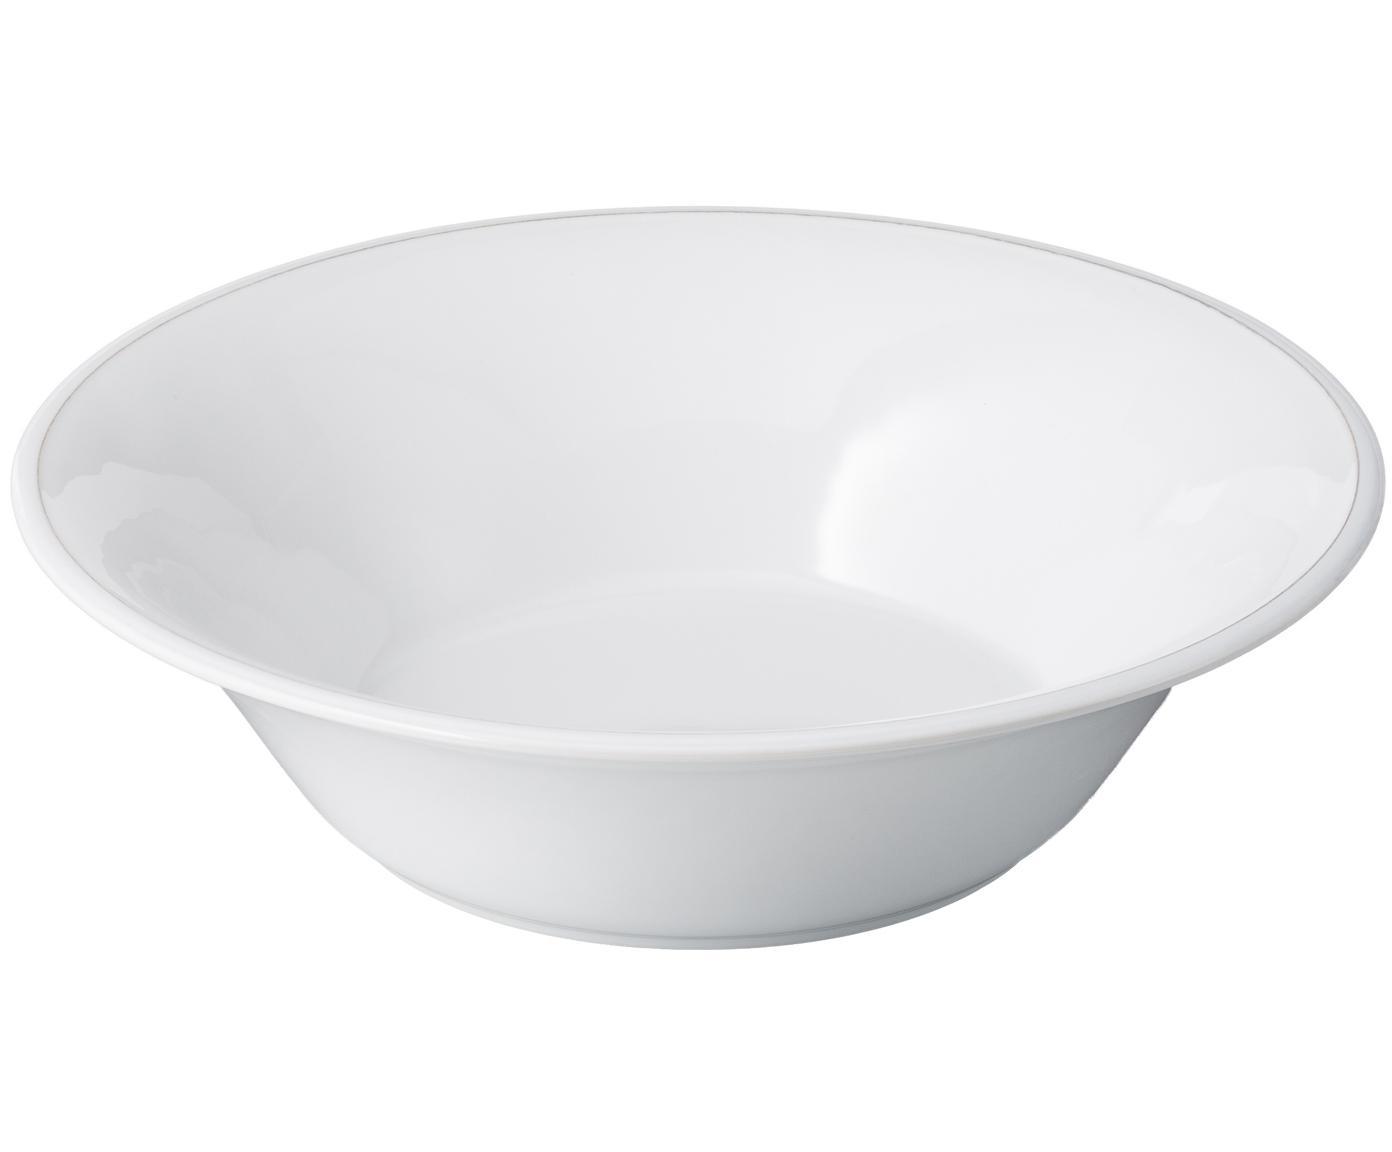 Misa do sałatek Constance, Ceramika, Biały, Ø 30 x W 9 cm